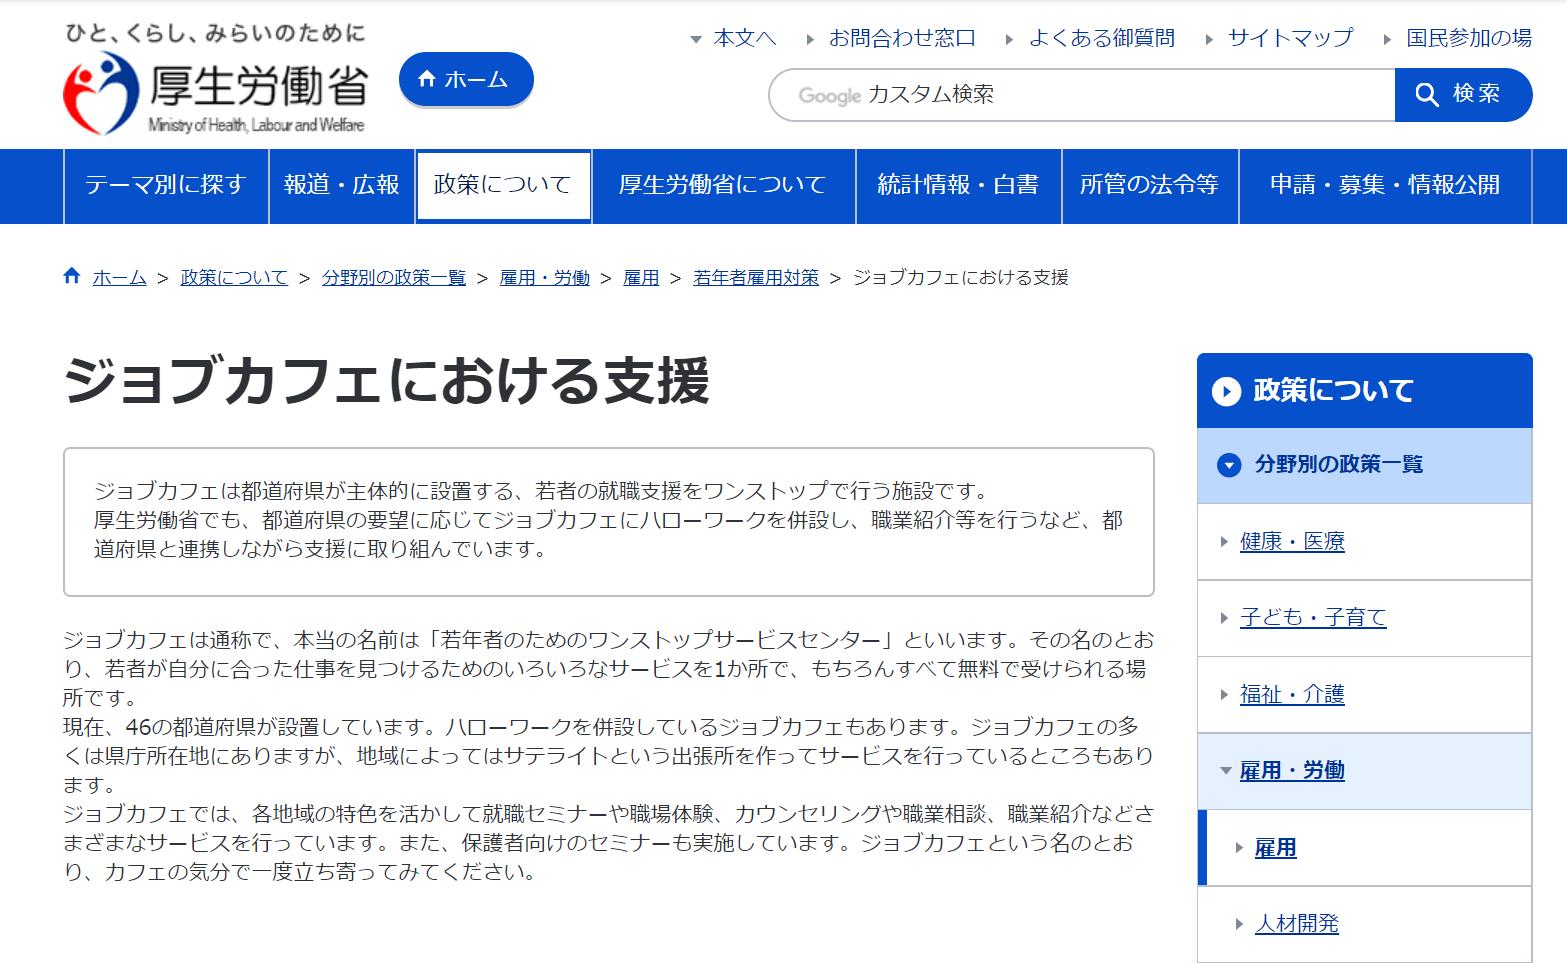 ジョブカフェのホームページ